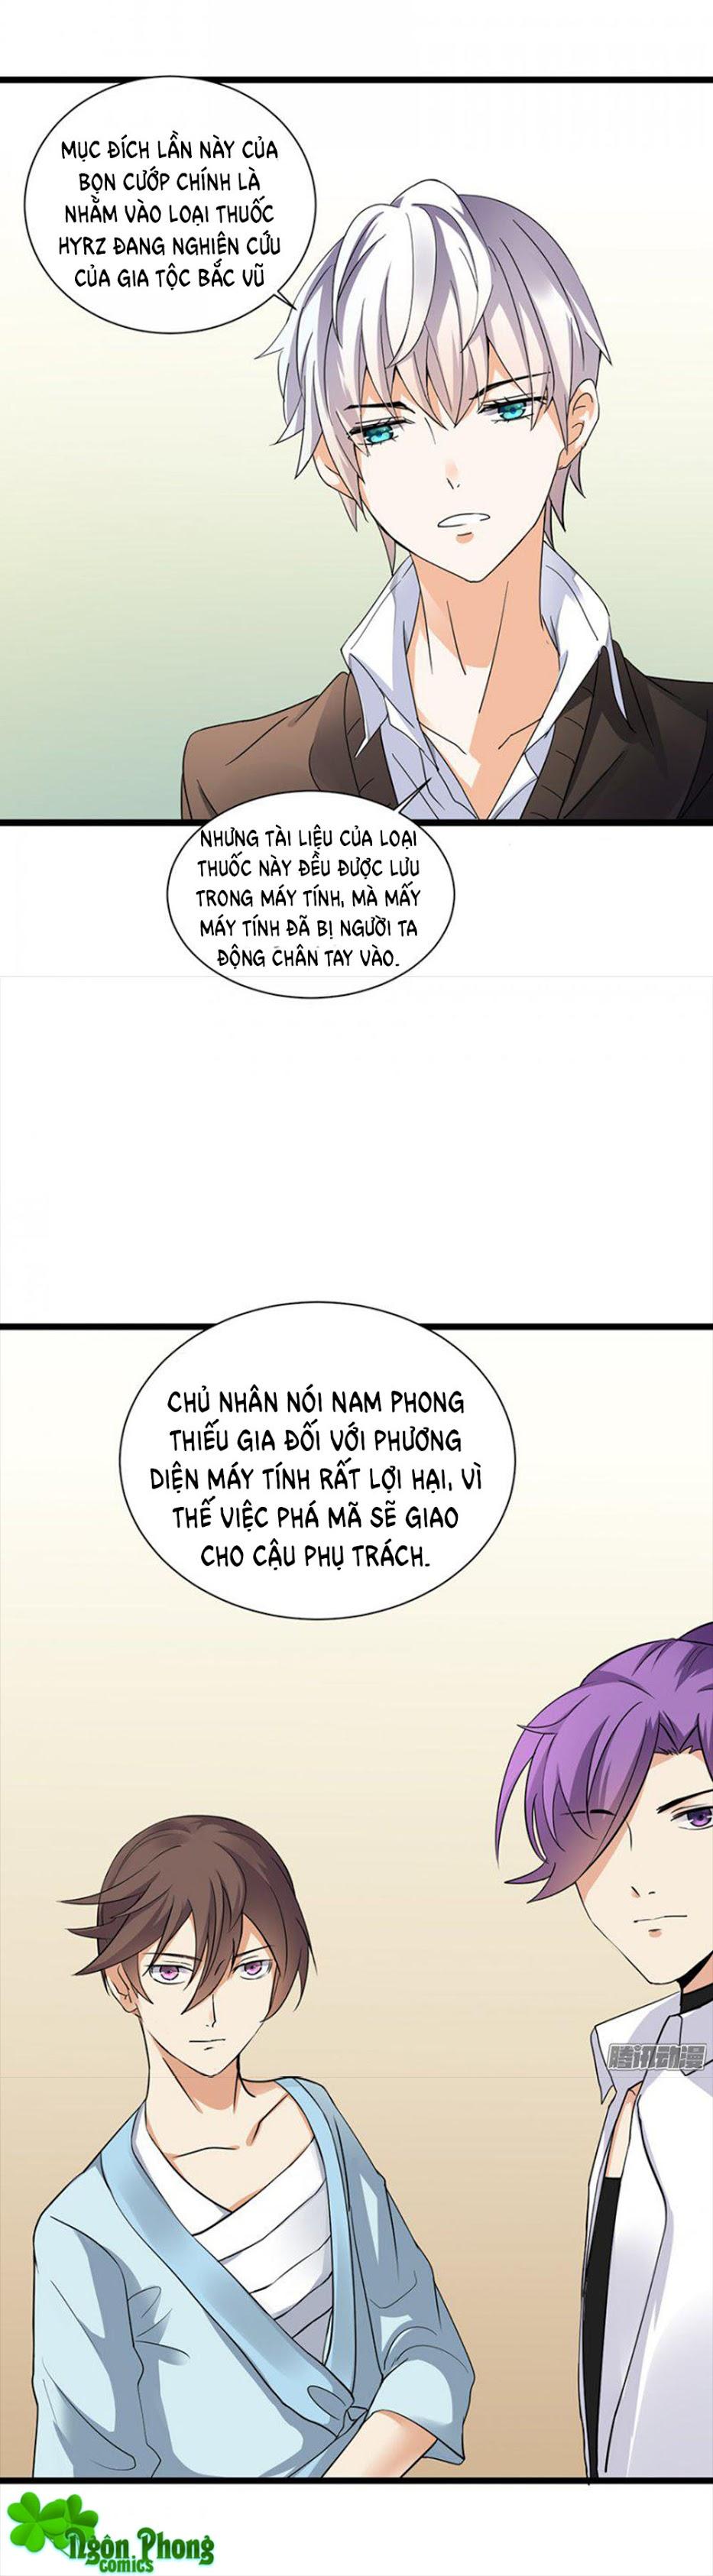 Nhật Ký Dạy Dỗ Của Gia Tộc Đáng Yêu trang 15